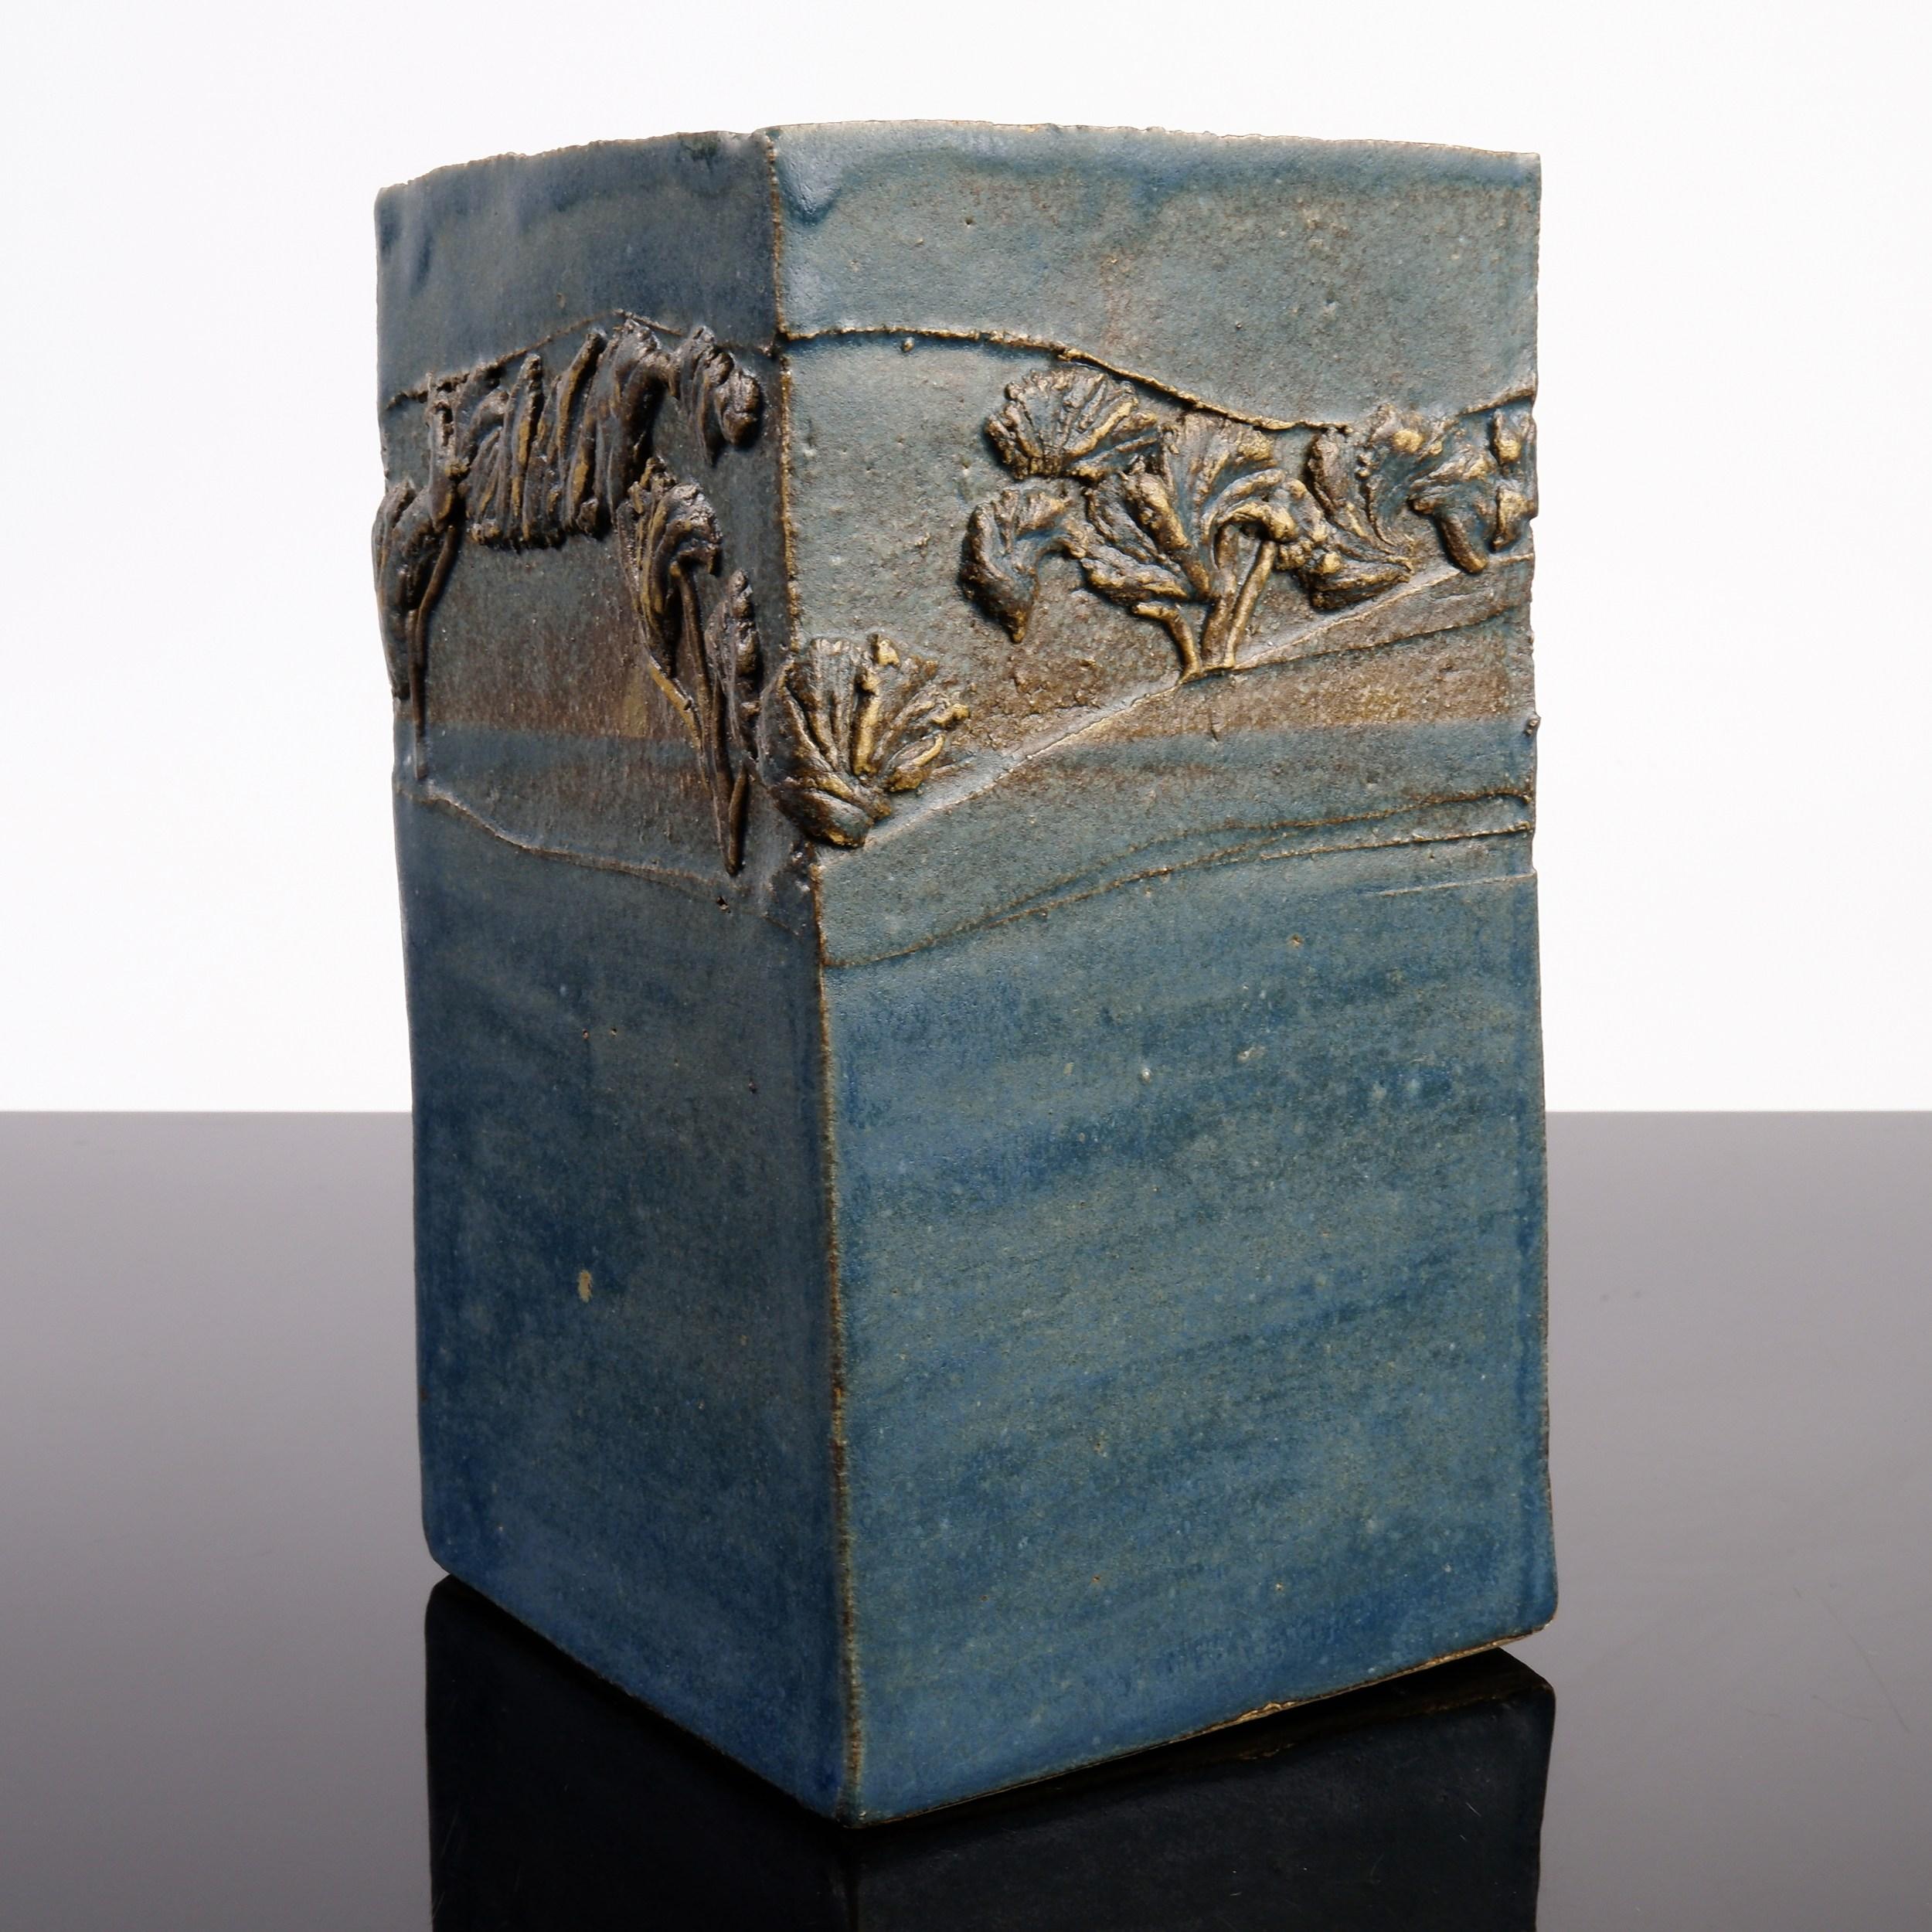 'Hiroe Swen (Japan, Australia 1934-) Glazed Stoneware Vase'